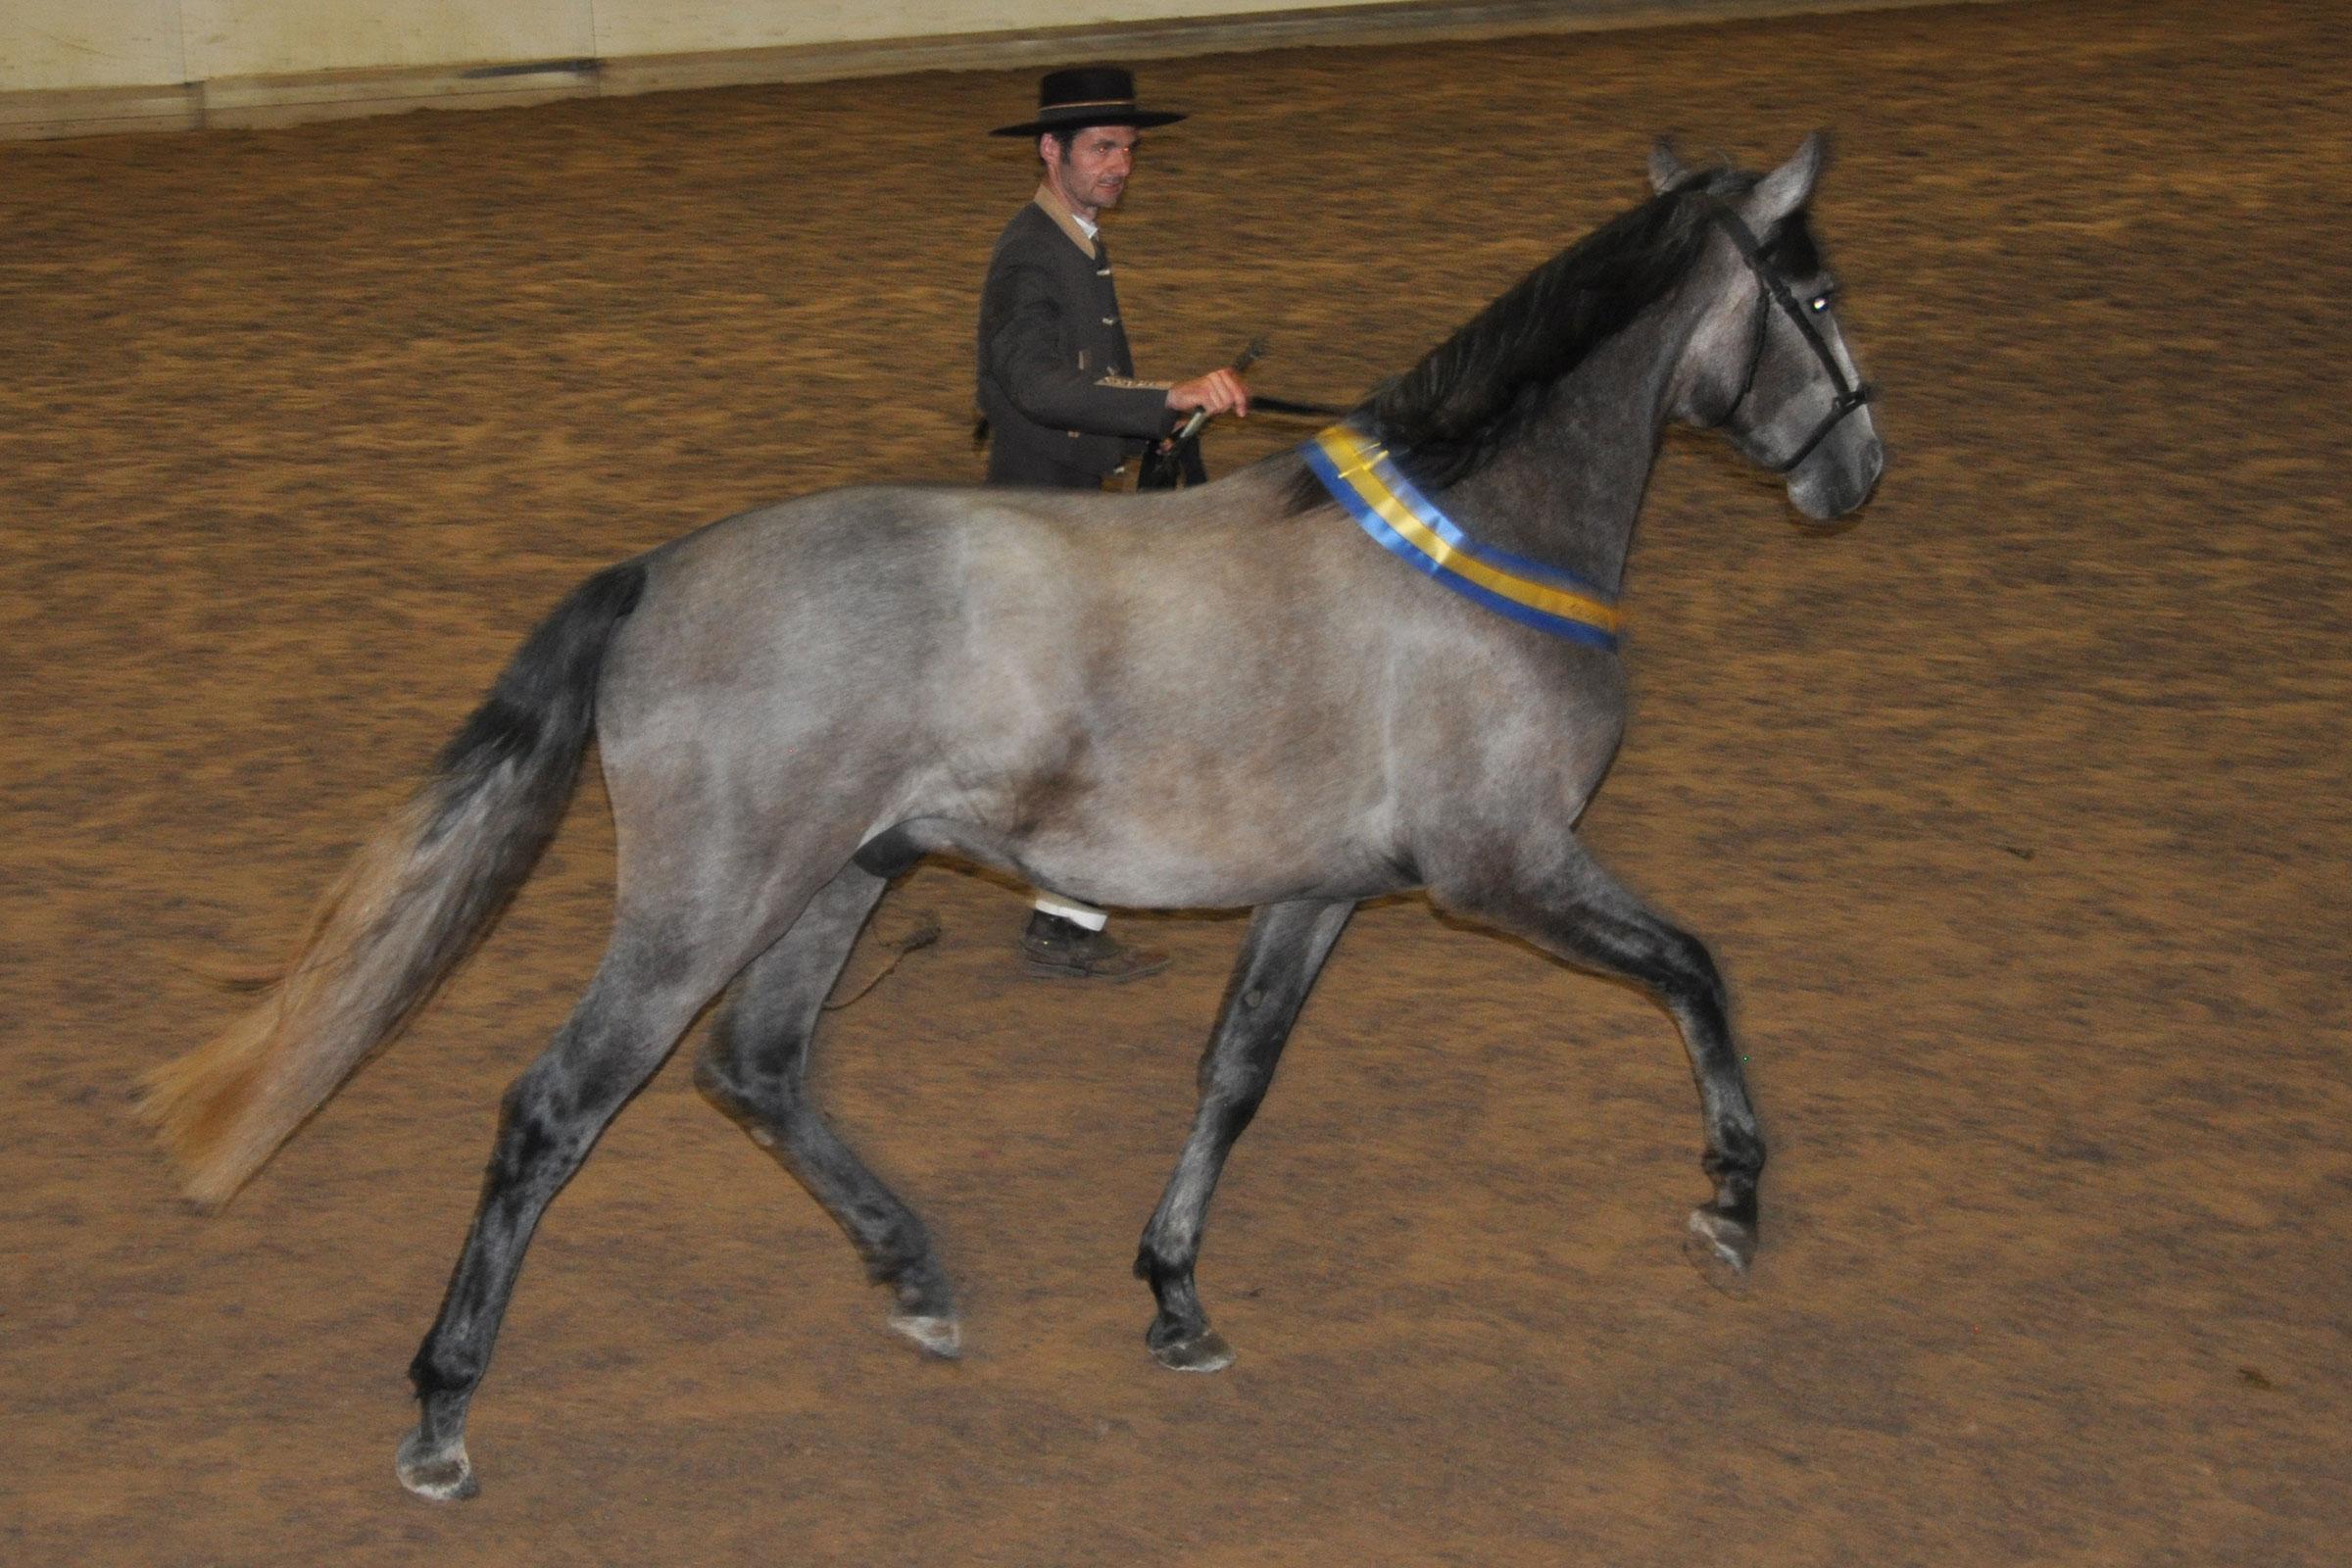 F Torres e Oscuro IV u Estepeña XXV, uppg/äg Rosmarin. 59,940 poäng, Champion unghingst